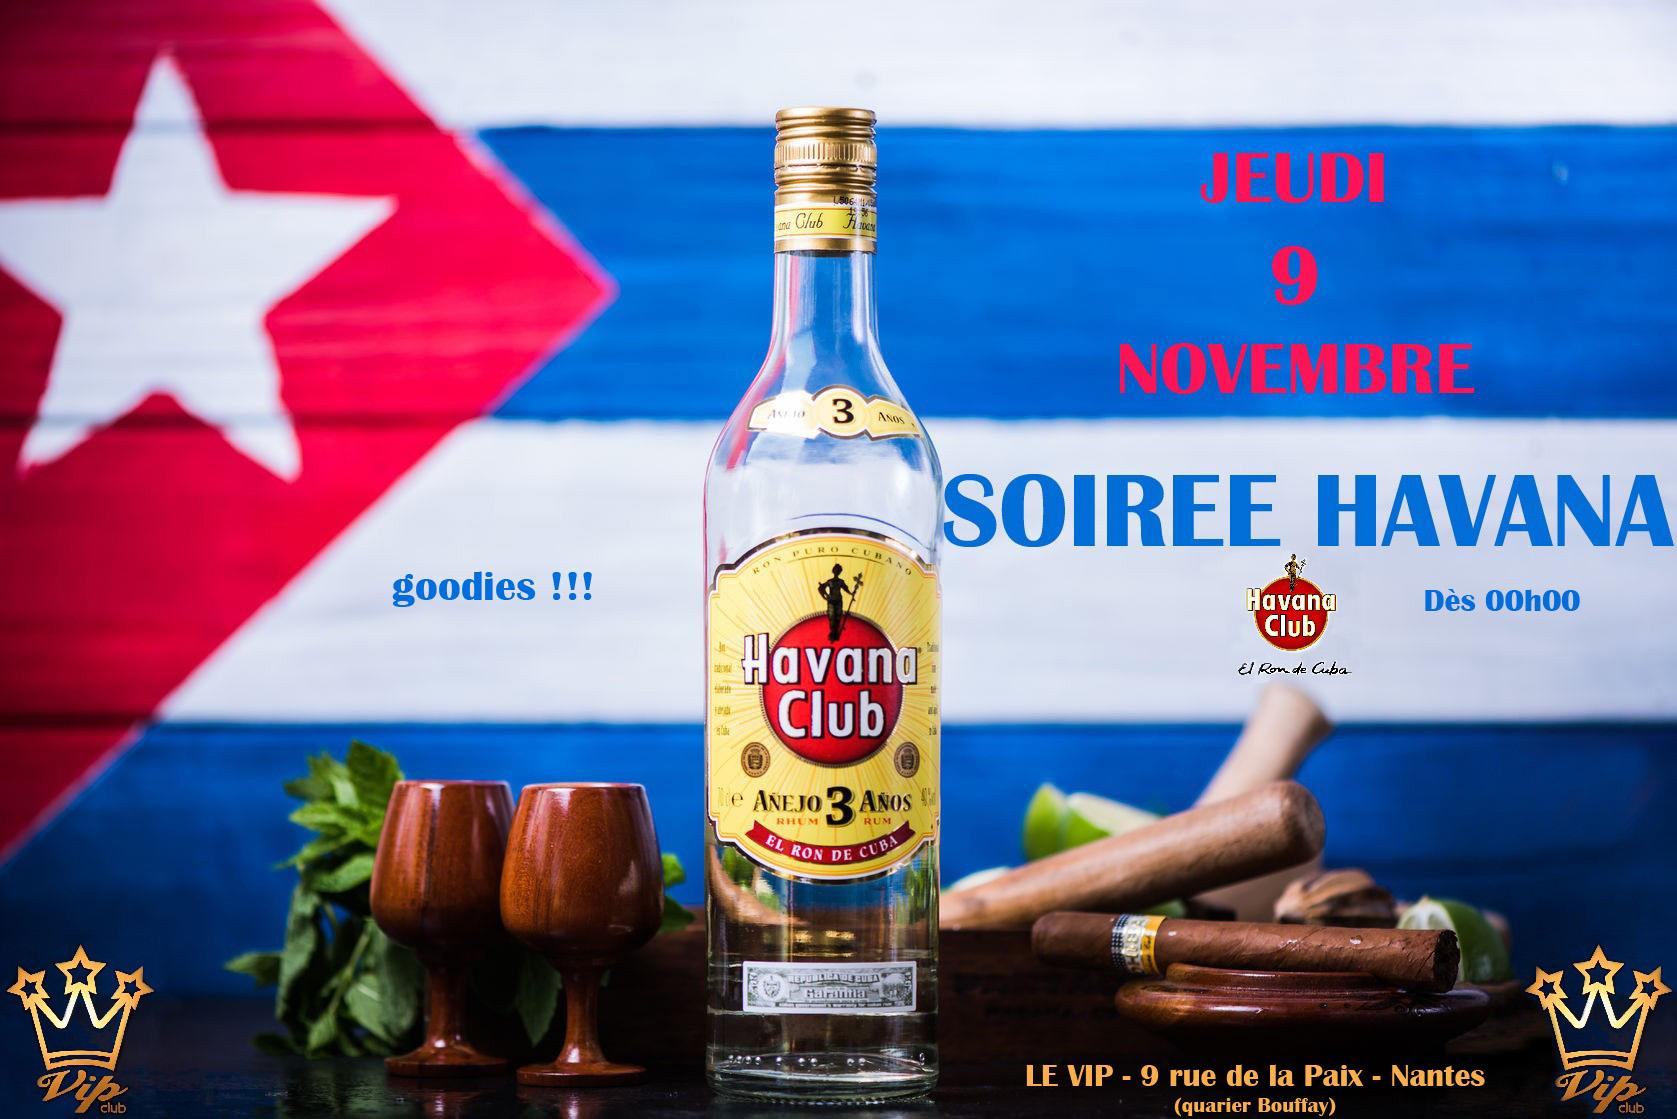 Soirée Havana 09 11 17